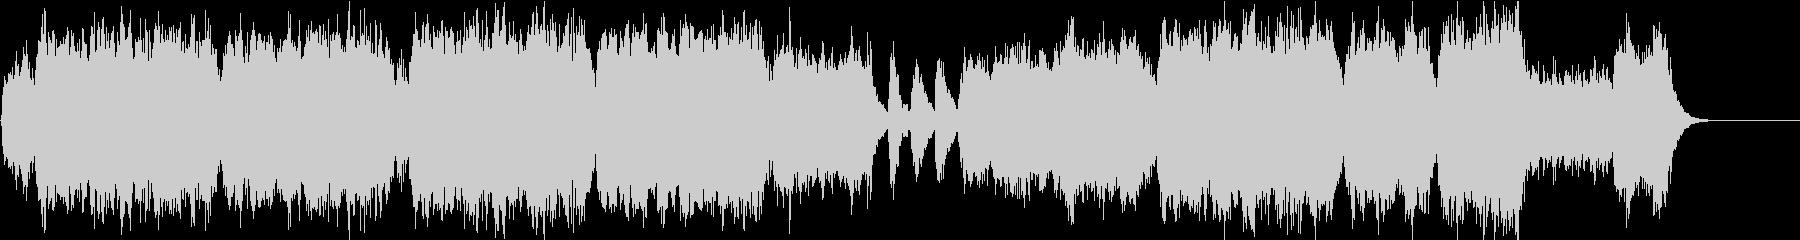 管楽器の旋律がパワフルなポップスの未再生の波形